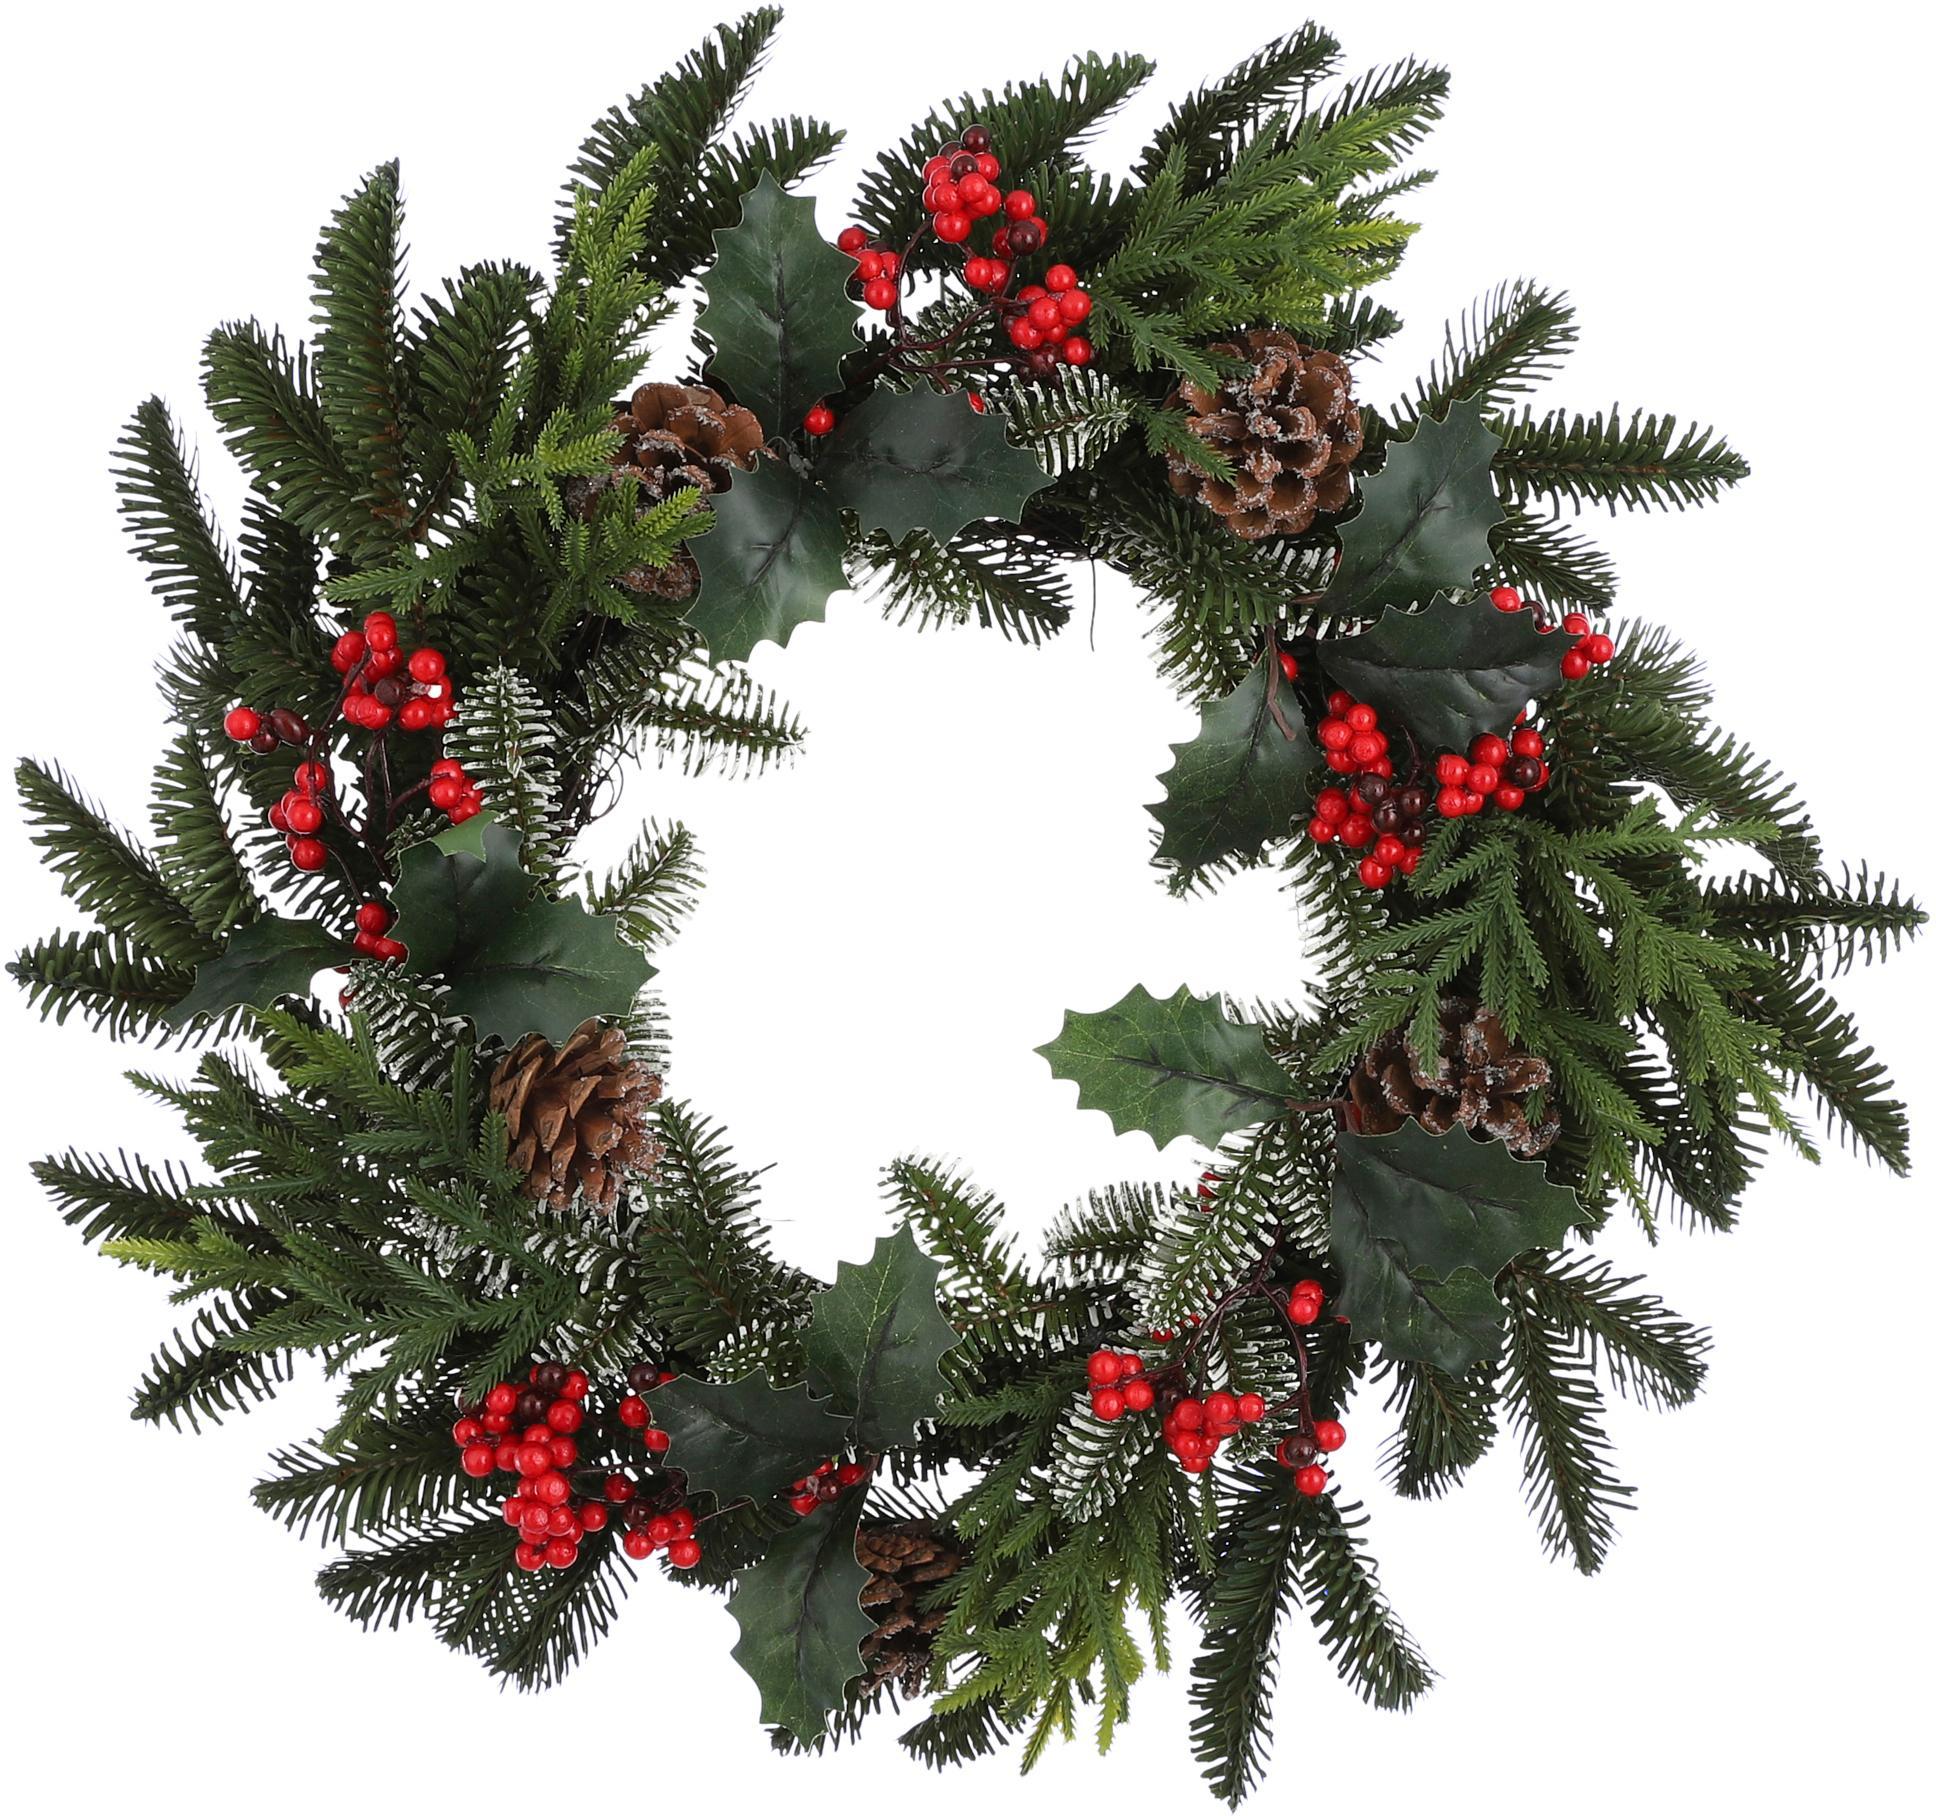 Decoratieve kerstkrans Patton, Kunststof, Groen, rood, bruin, Ø 50 cm